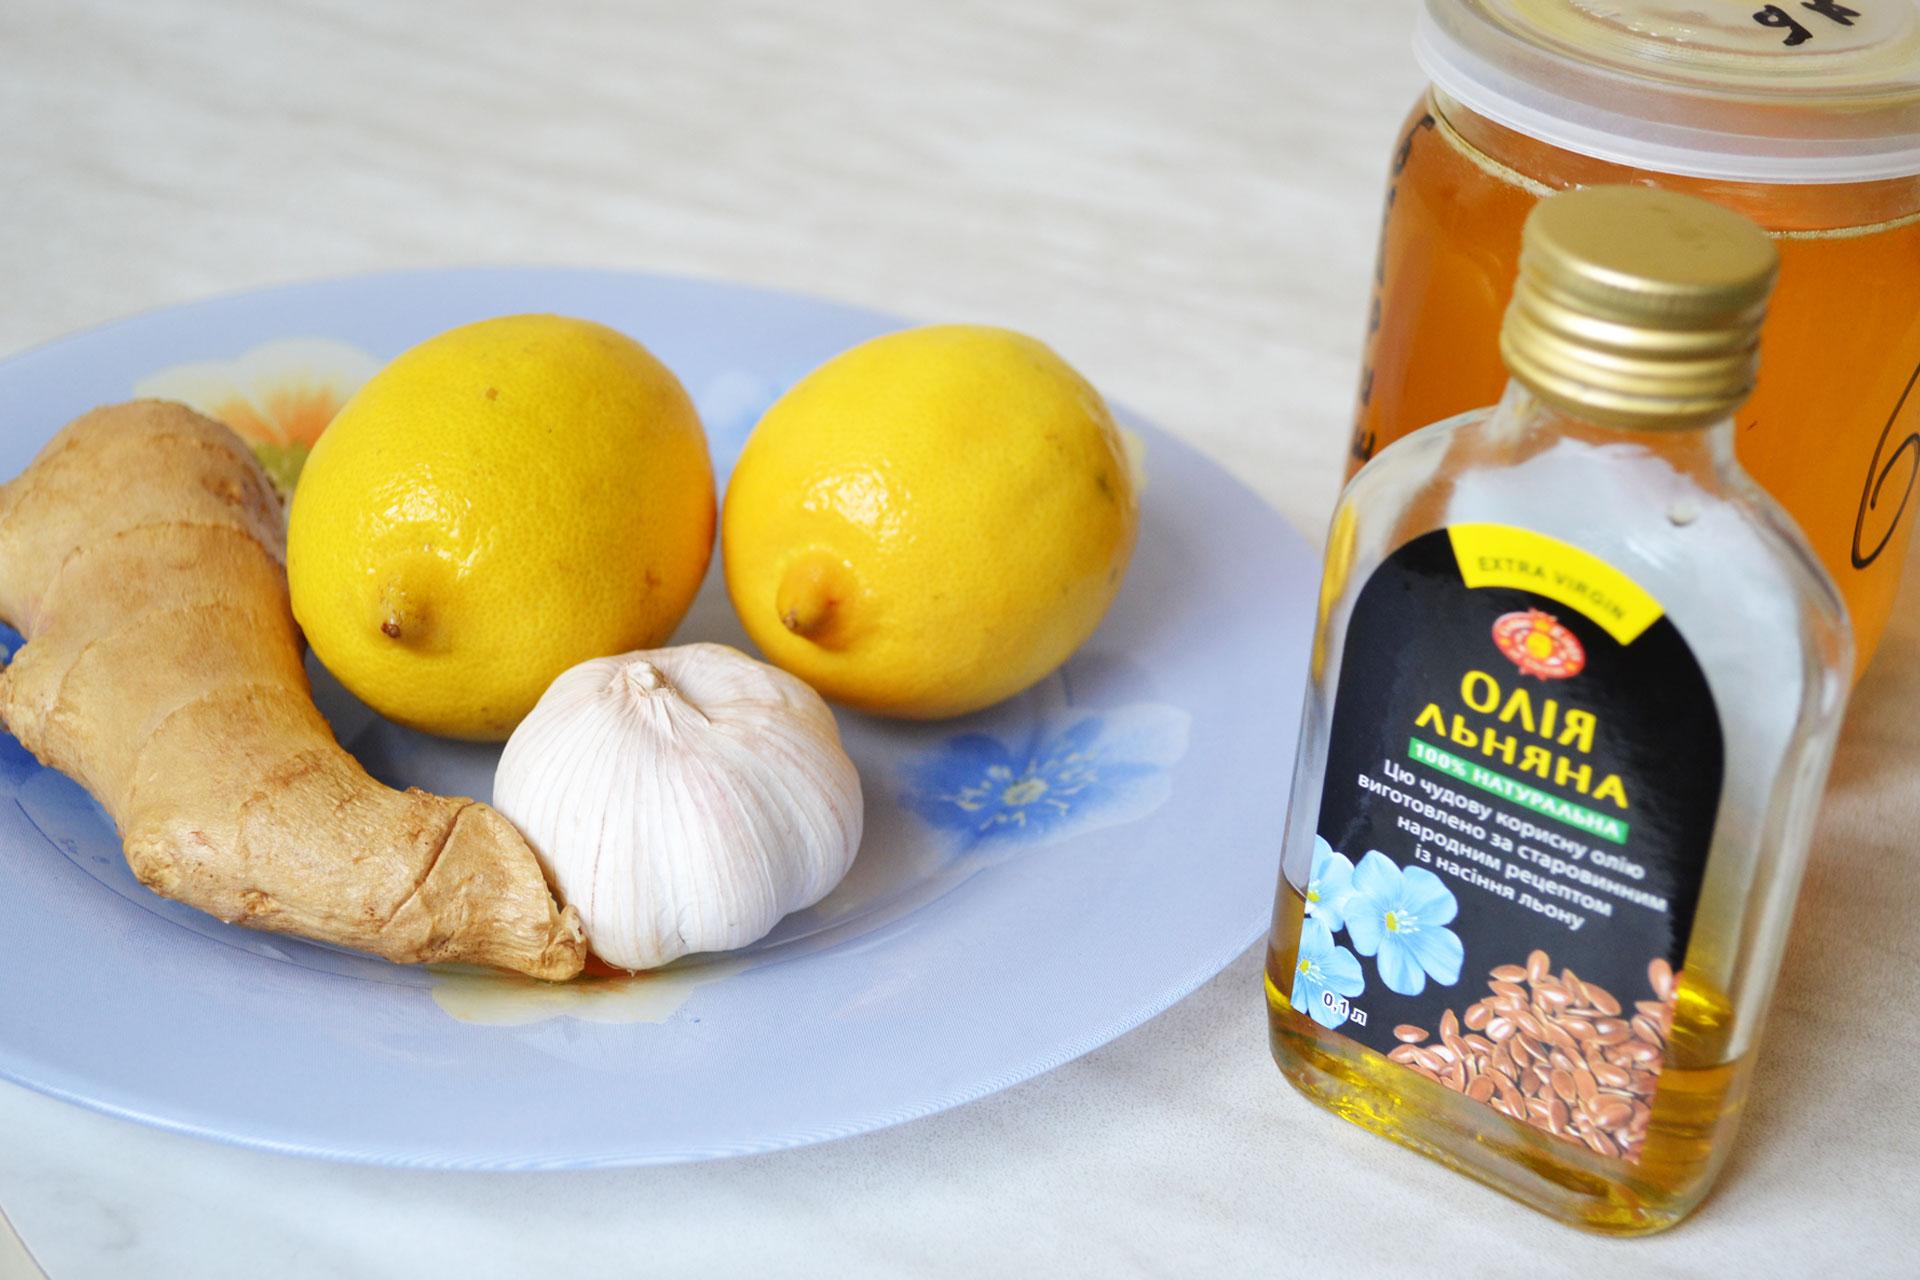 Витаминная смесь для здоровья - 1 ложка натощак